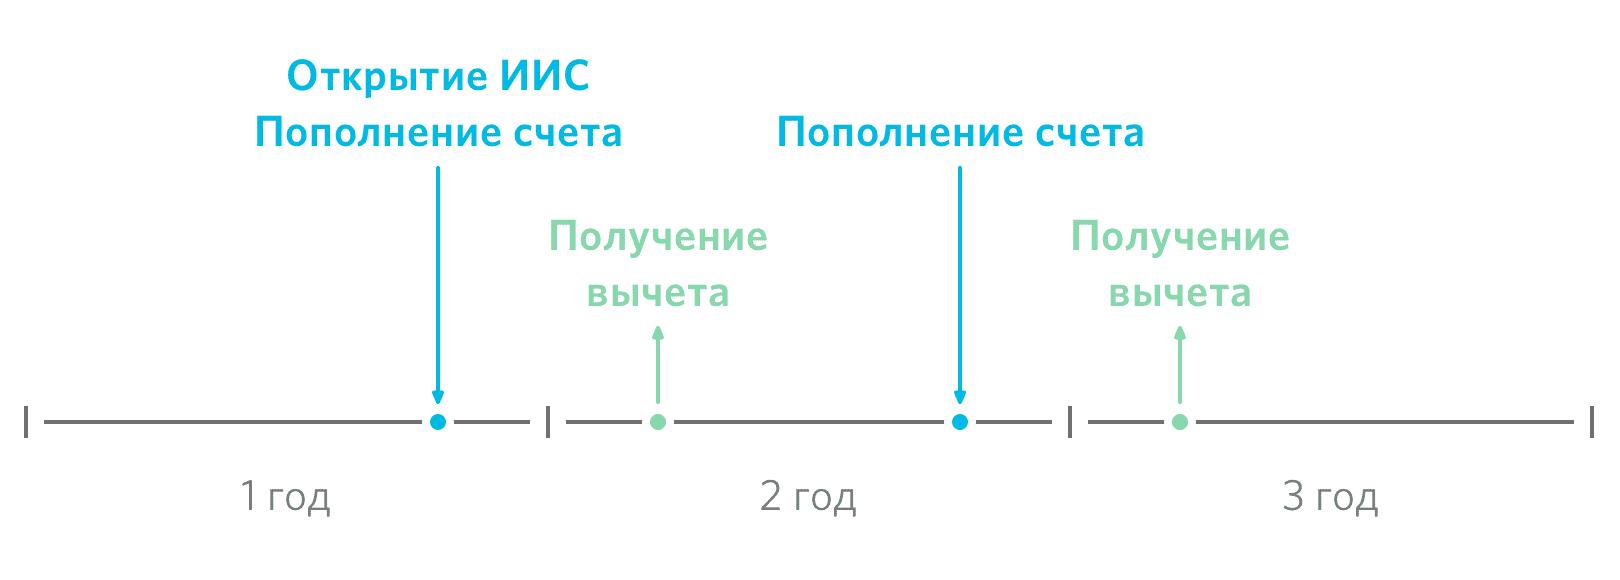 Схема получения выплат в начале года